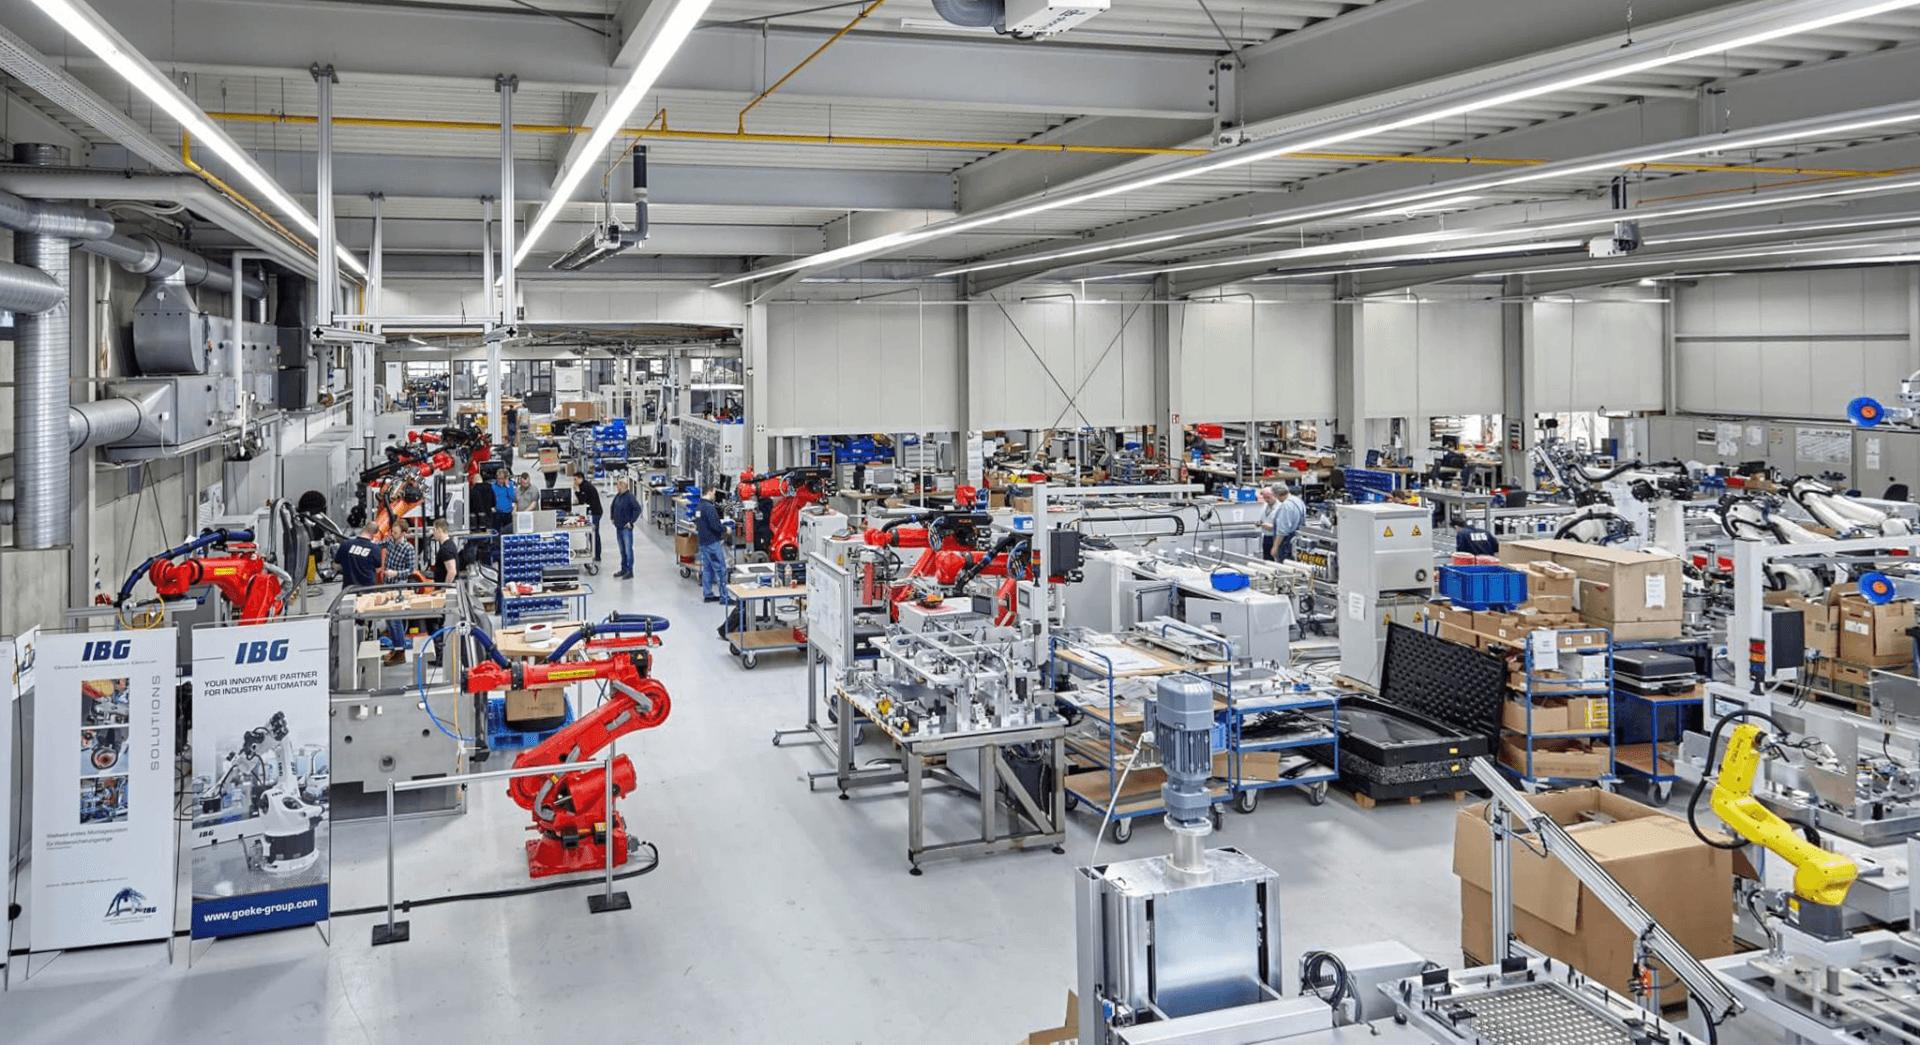 Blick in die Produktionshalle  - Gesamt